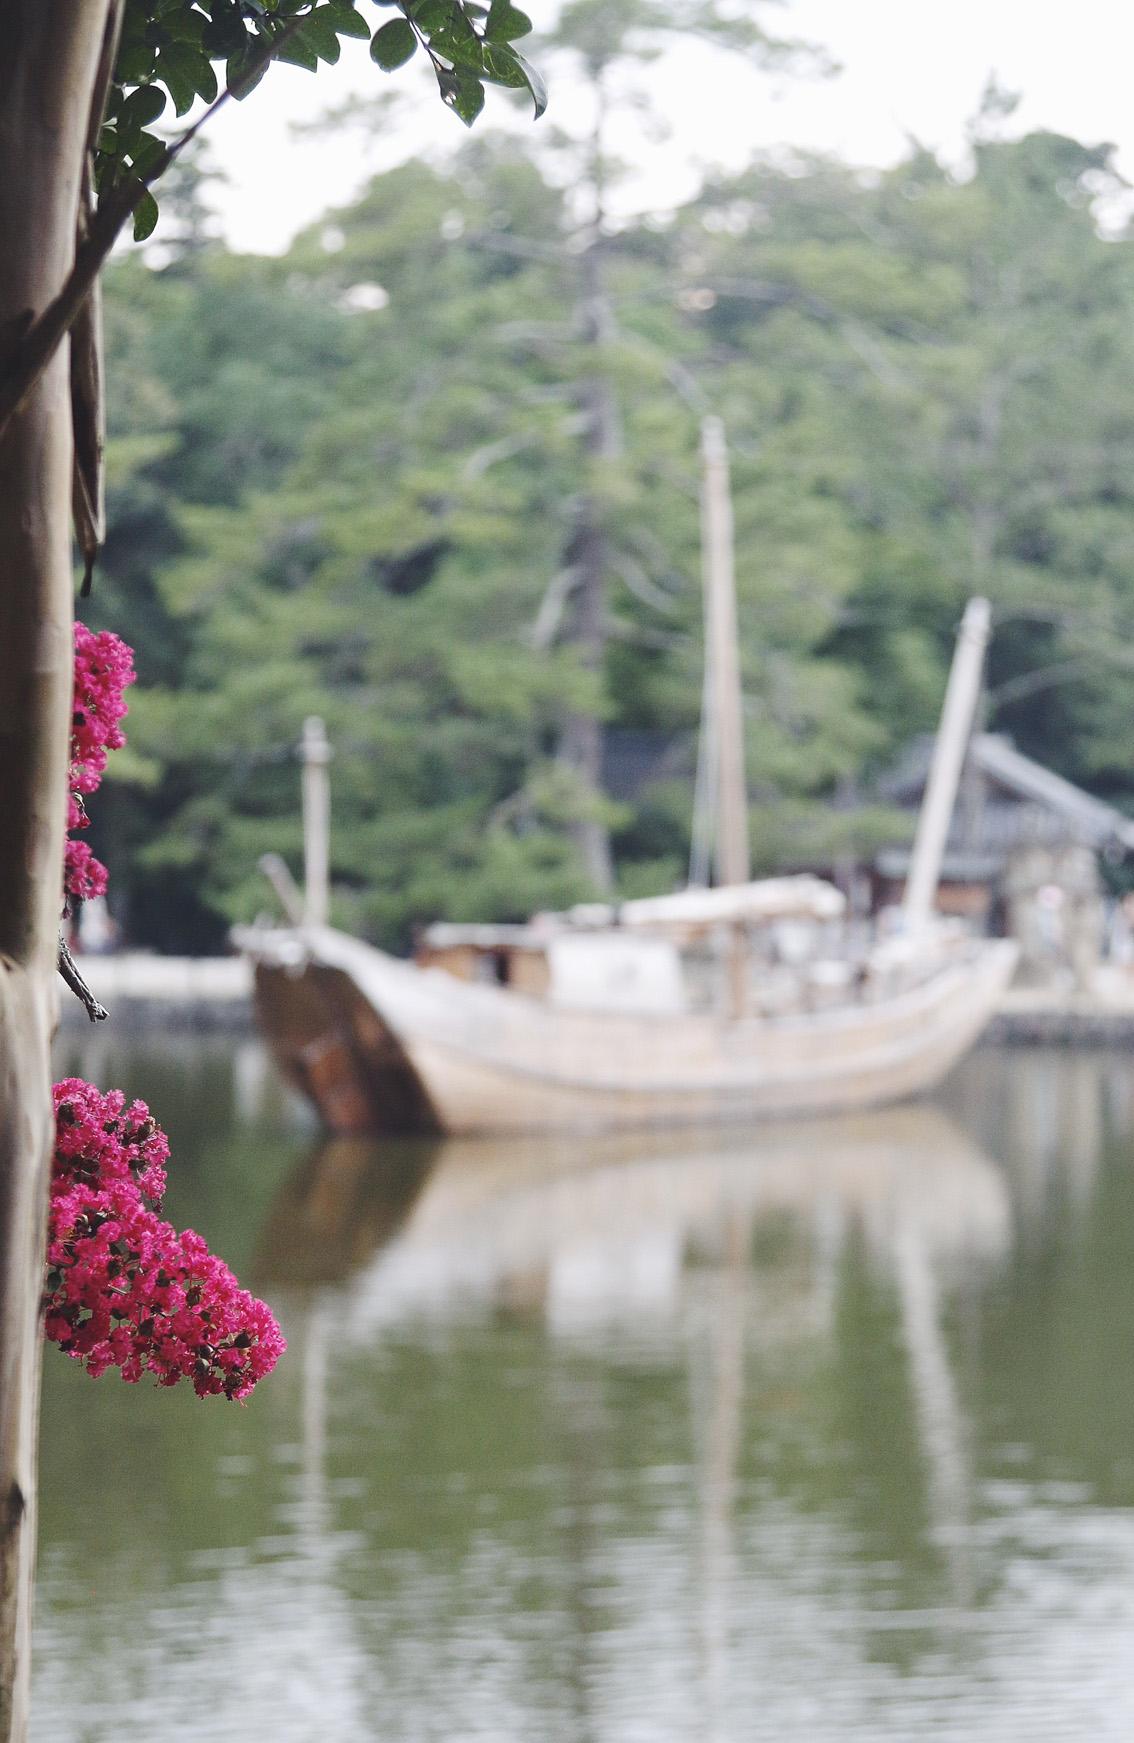 10 #Giappotour with Blueberry Travel day 2: Fushimi Inari & Nara.